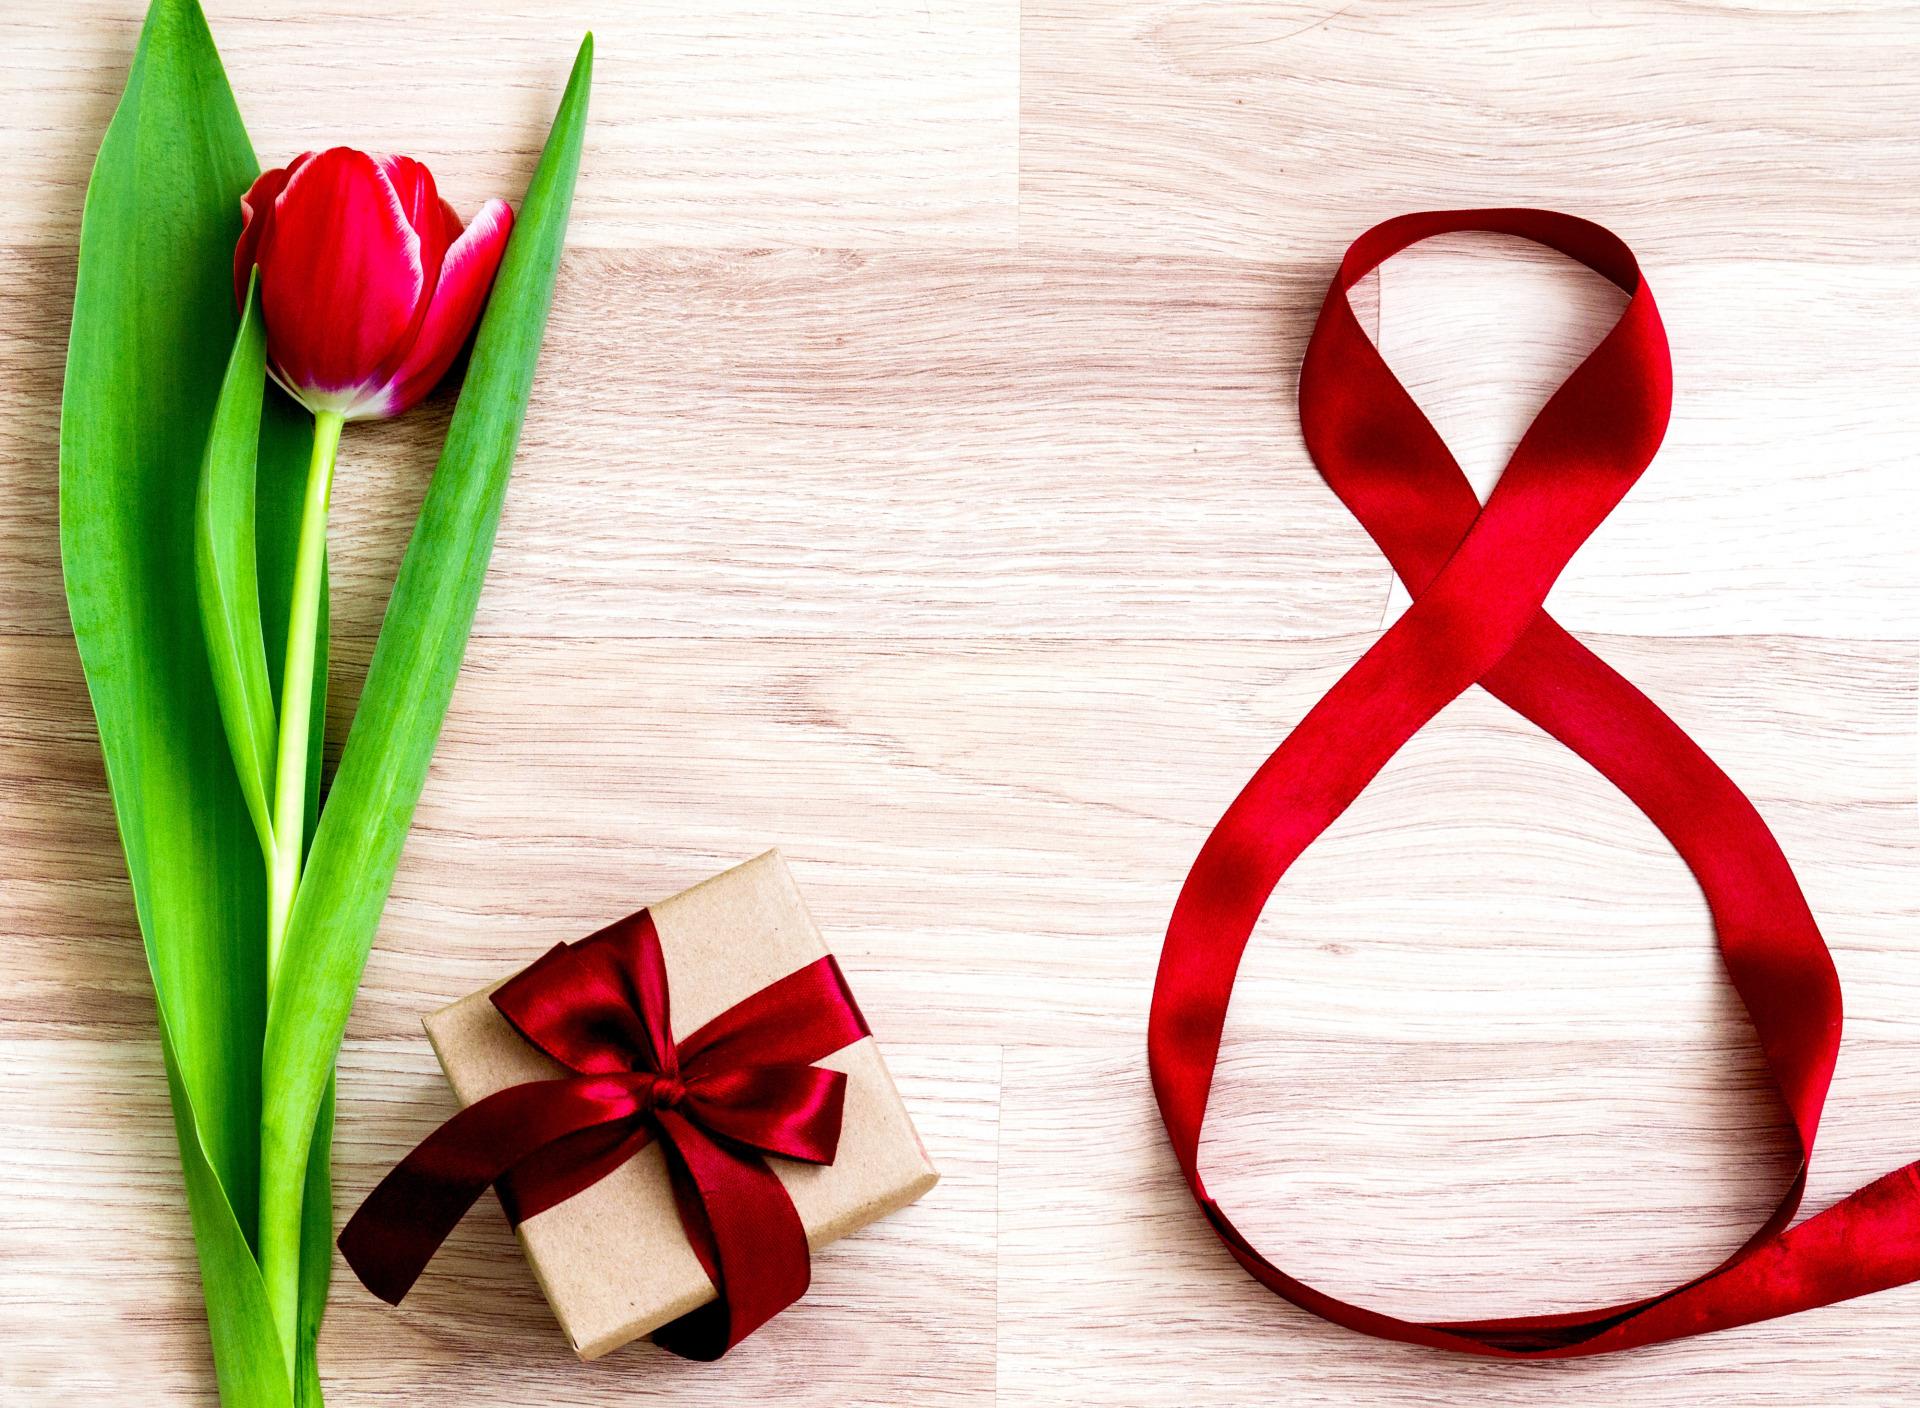 позволяет минималистичная открытка на 8 марта свой гардероб тщательным